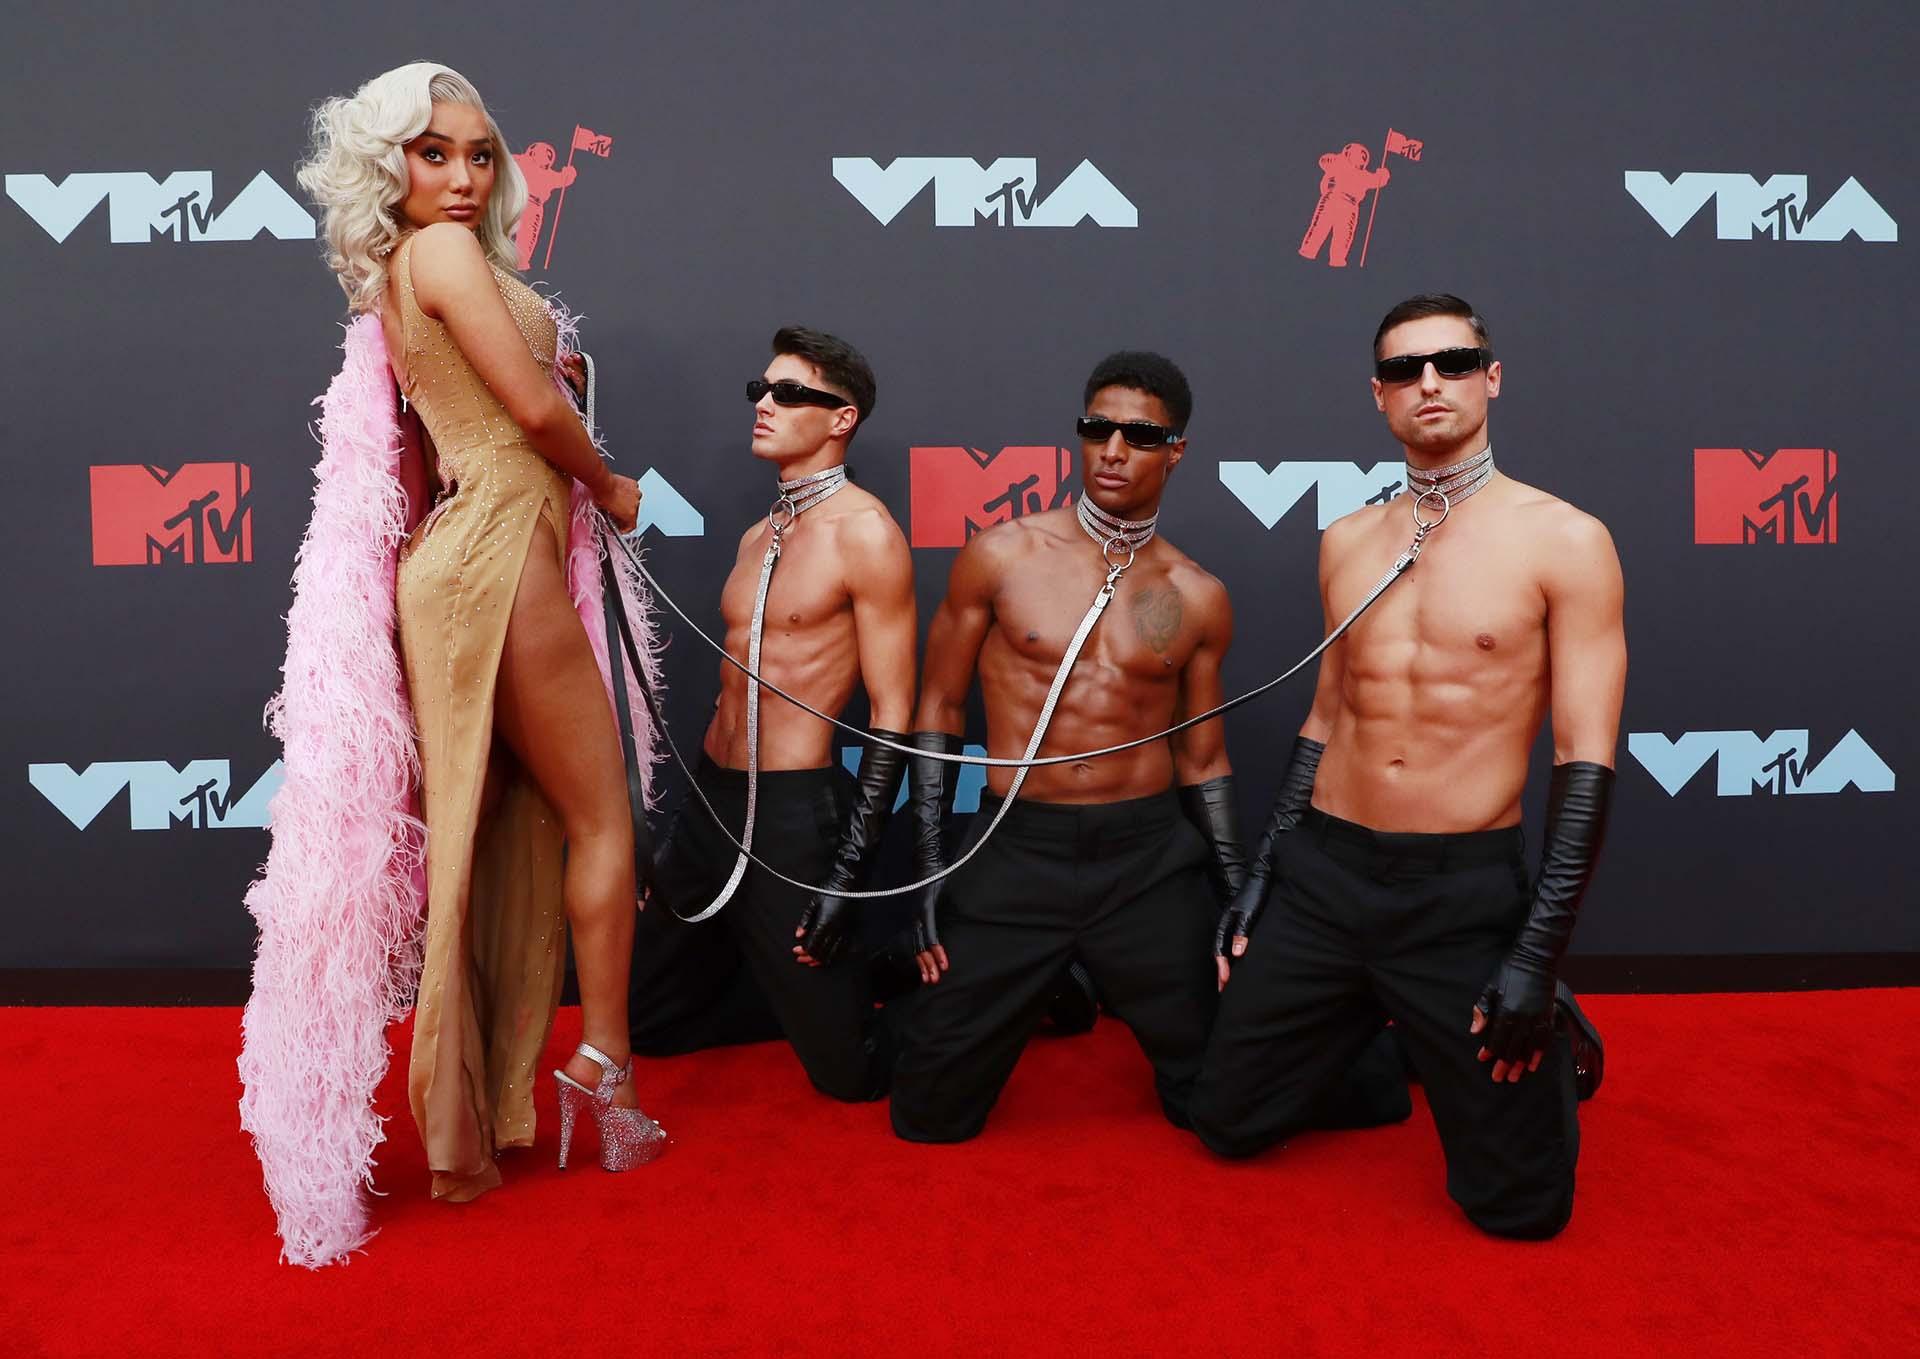 La modelo Nikita Dragun llegó acompañada de tres hombres con poca ropa y no pasó desapercibida